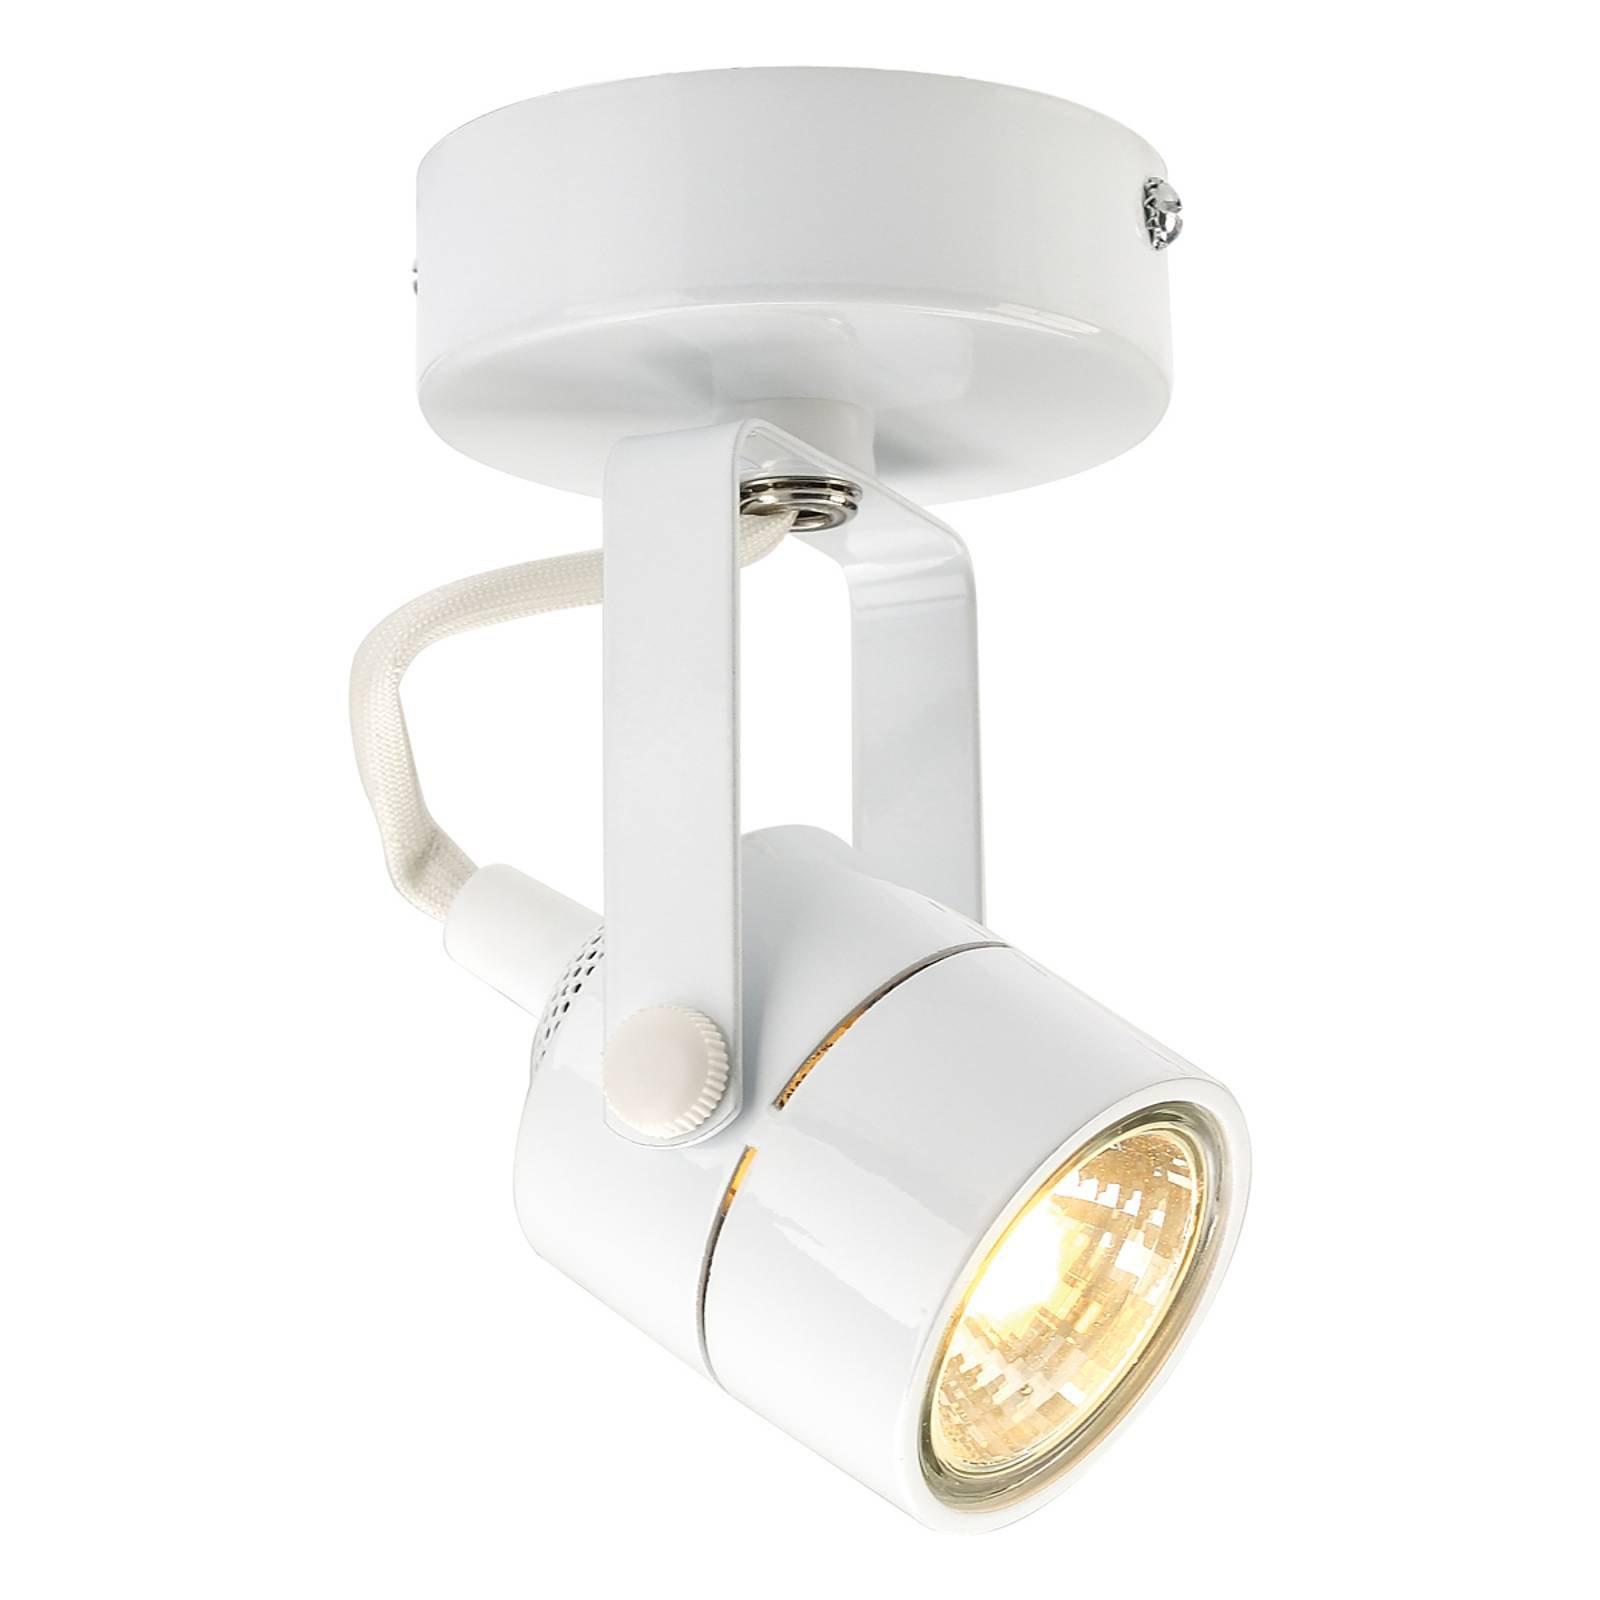 SPOT 79 vegg- eller taklampe i hvitt 230 V